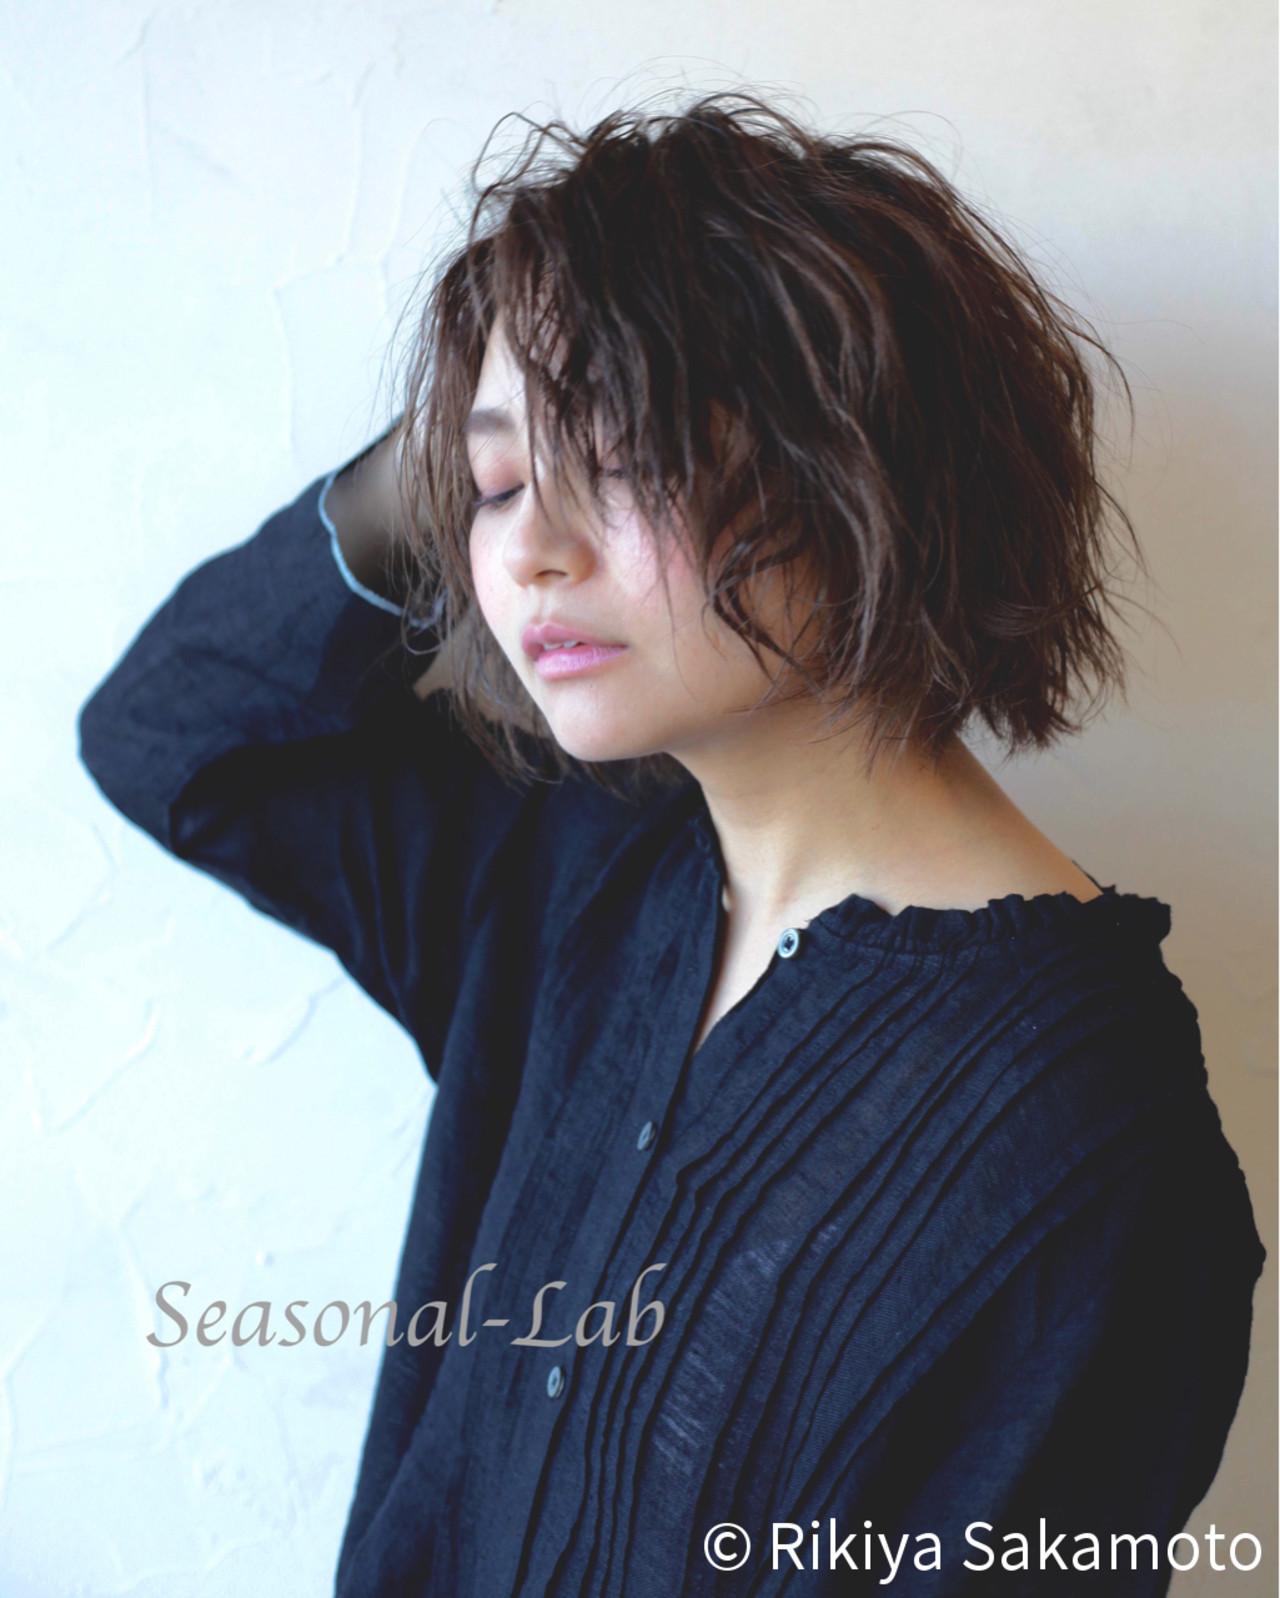 外国人風 暗髪 ダークアッシュ モード ヘアスタイルや髪型の写真・画像 | Rikiya Sakamoto / Seasonal-Lab(旧ディーズガレージ)